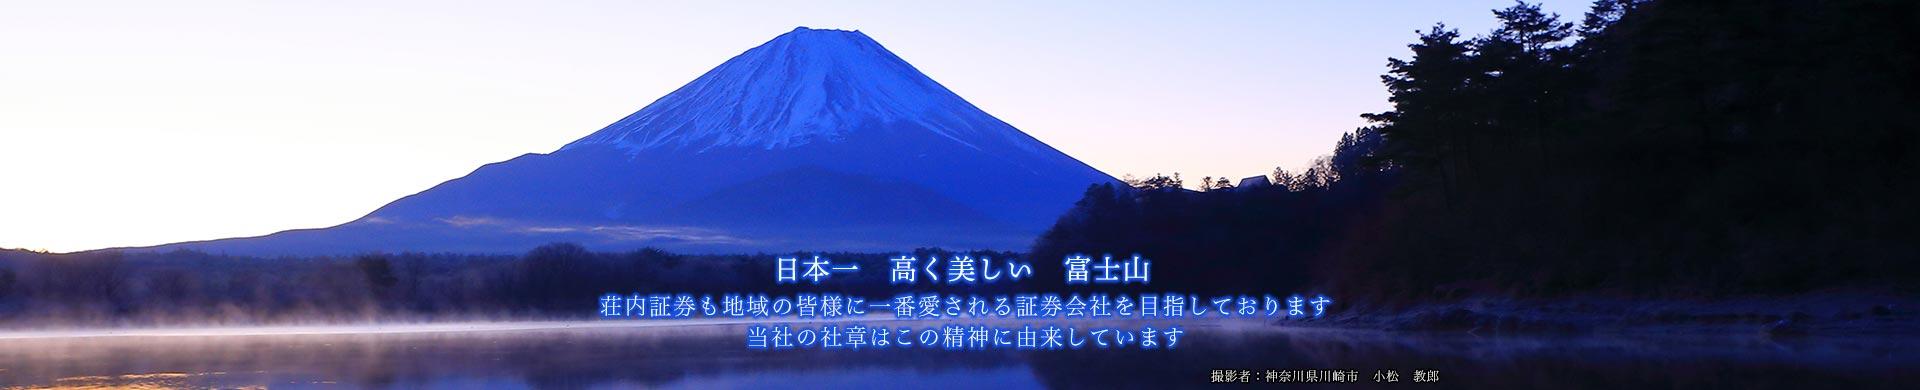 日本一高く美しい富士山 荘内証券も地域の皆様に一番愛される証券会社を目指しております。当社の社章はこの精神に由来しています。